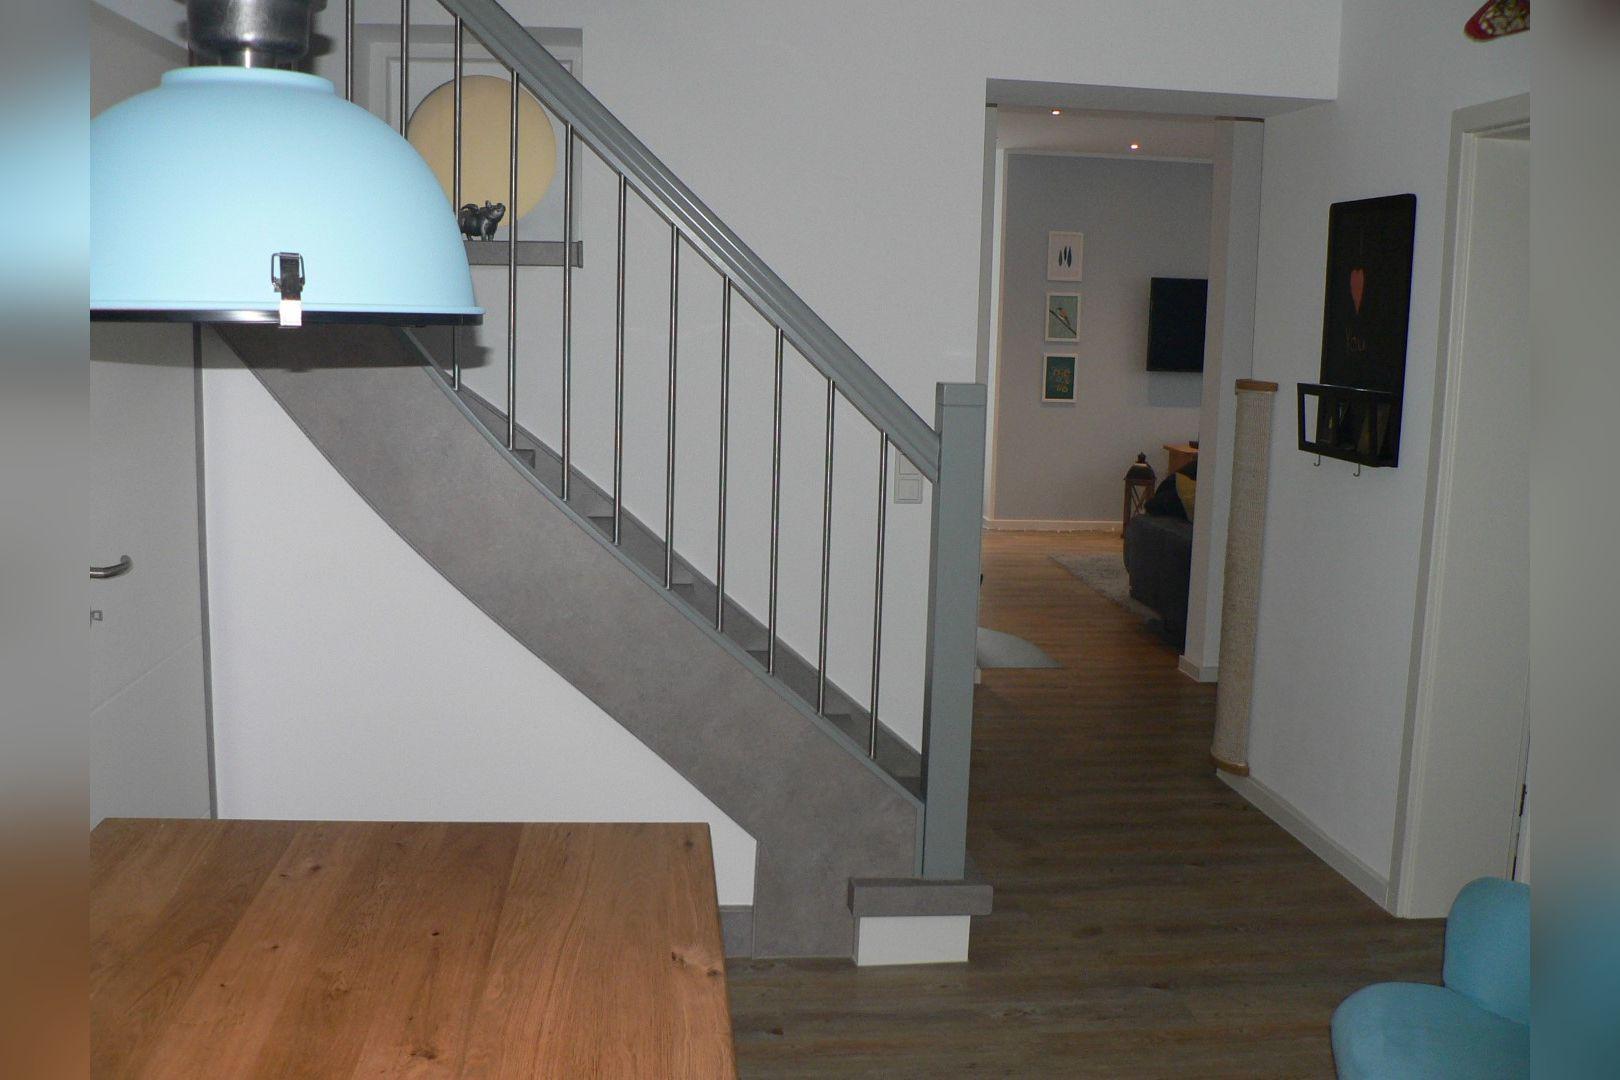 Immobilie Nr.0248 - Doppelhaushälfte mit eingeschossigem Anbau, Garten & Dachterrasse - Bild 8.jpg